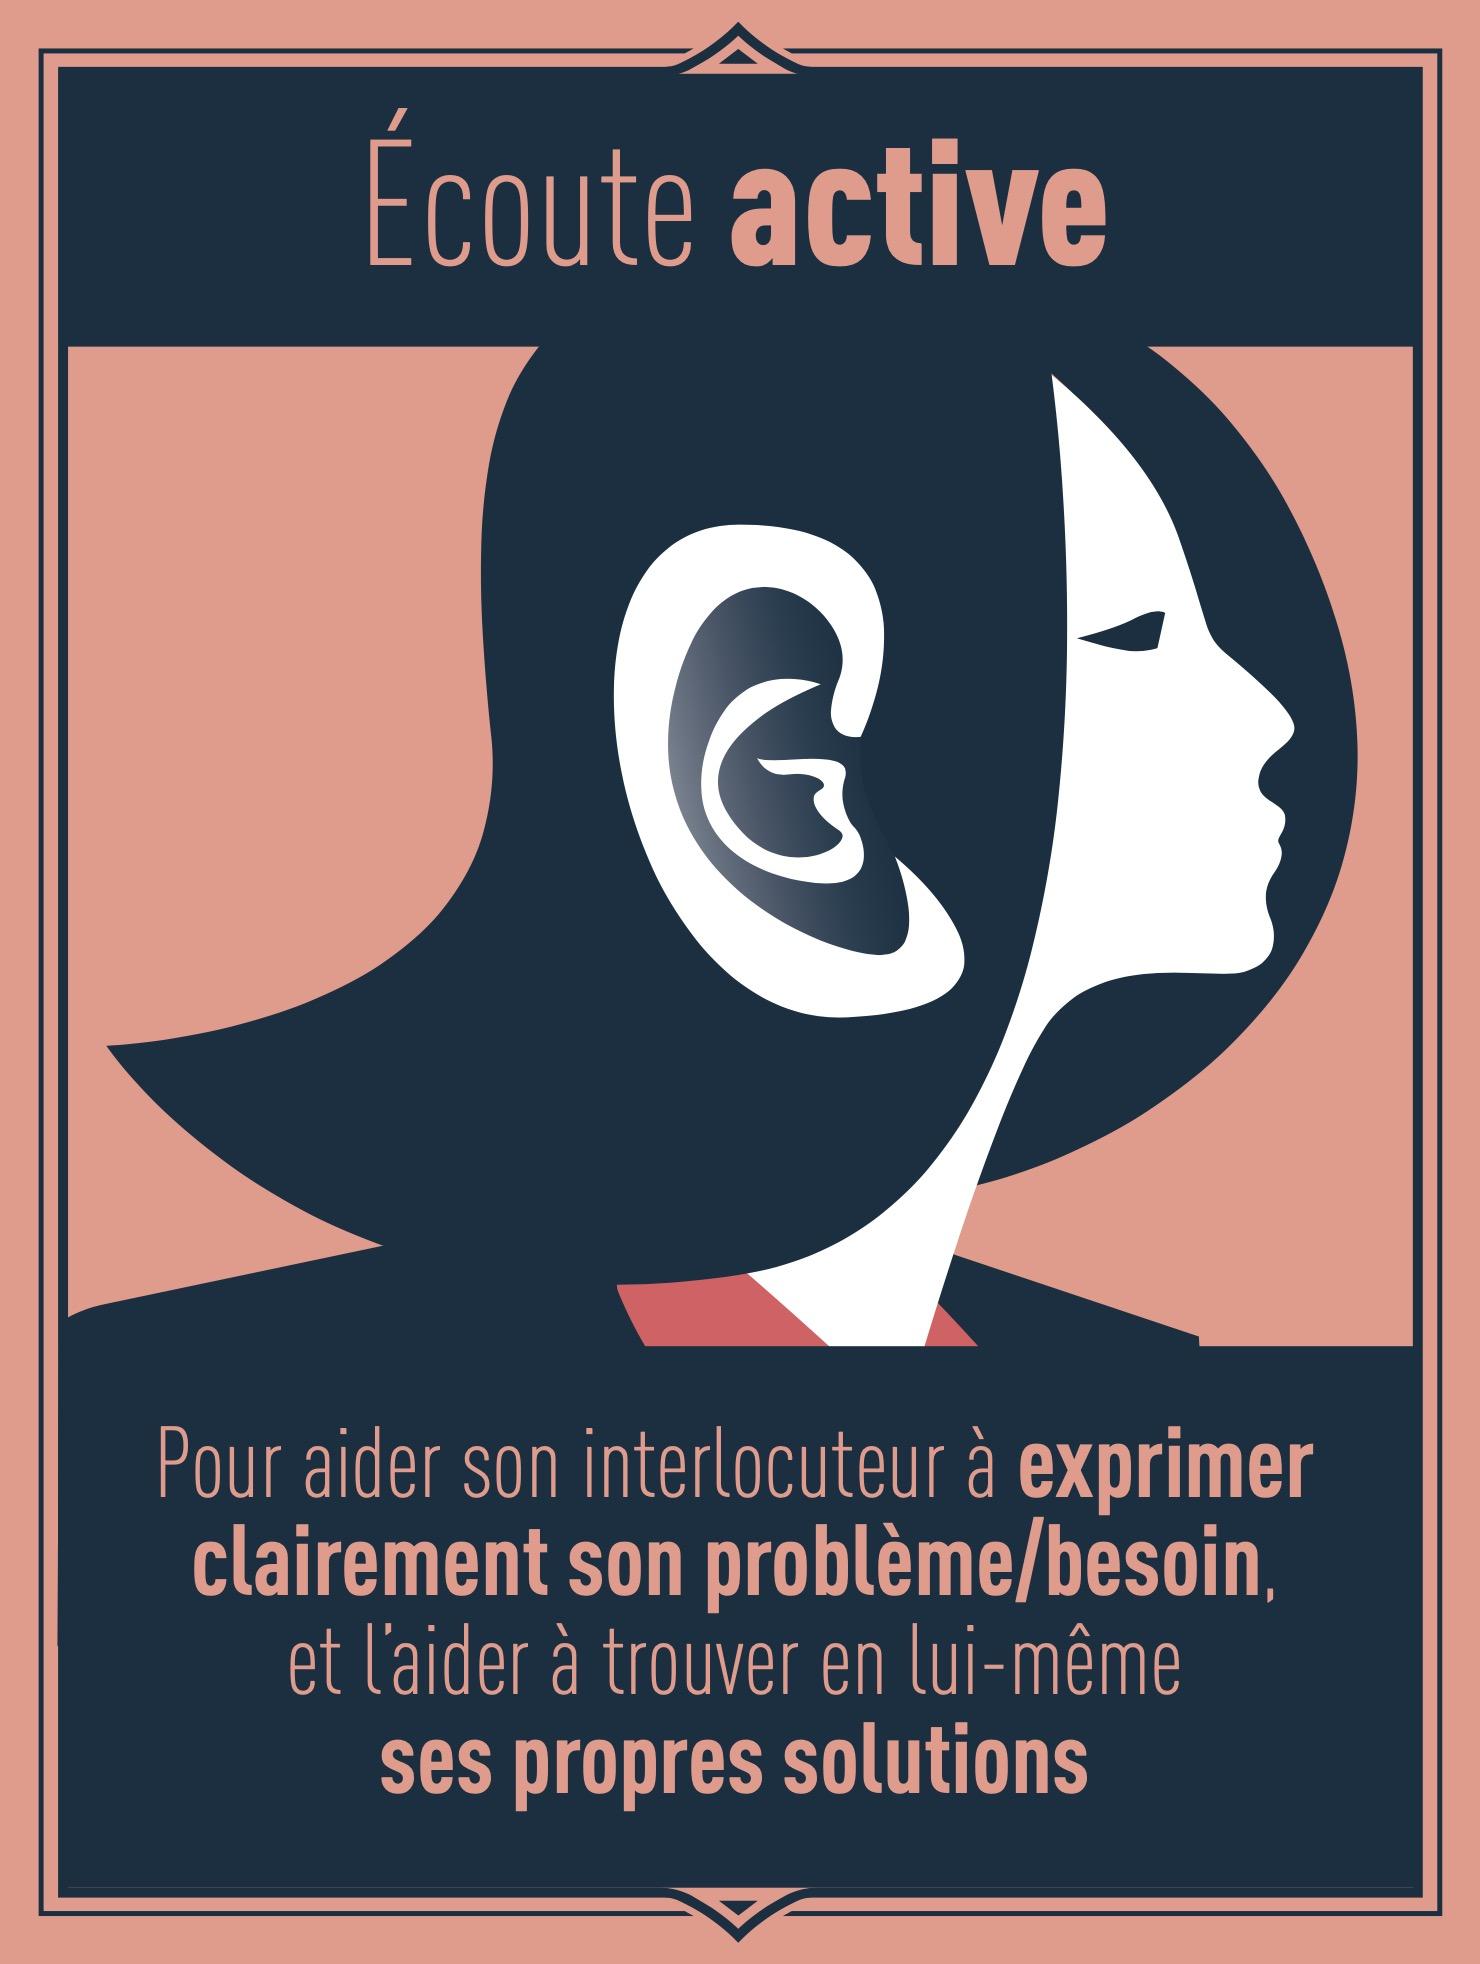 Ecoute active : pour aider son interlocuteur à exprimer clairement son problème/besoin, et l'aider à trouver en lui-même ses propres solutions